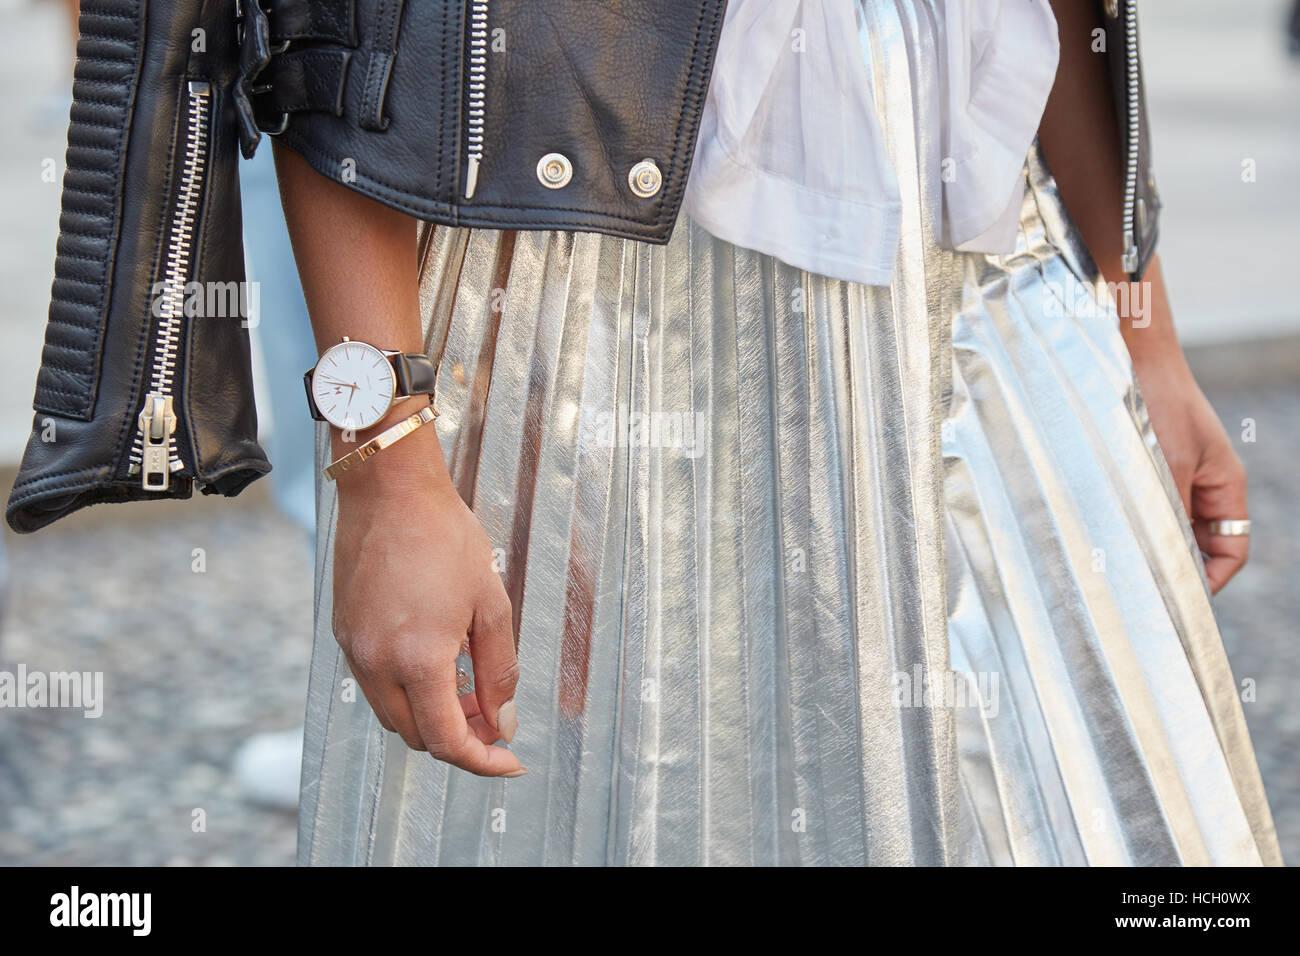 Femme avec argent brillant jupe et veste en cuir noire avant Cristiano Burani fashion show, Milan Fashion Week street Photo Stock